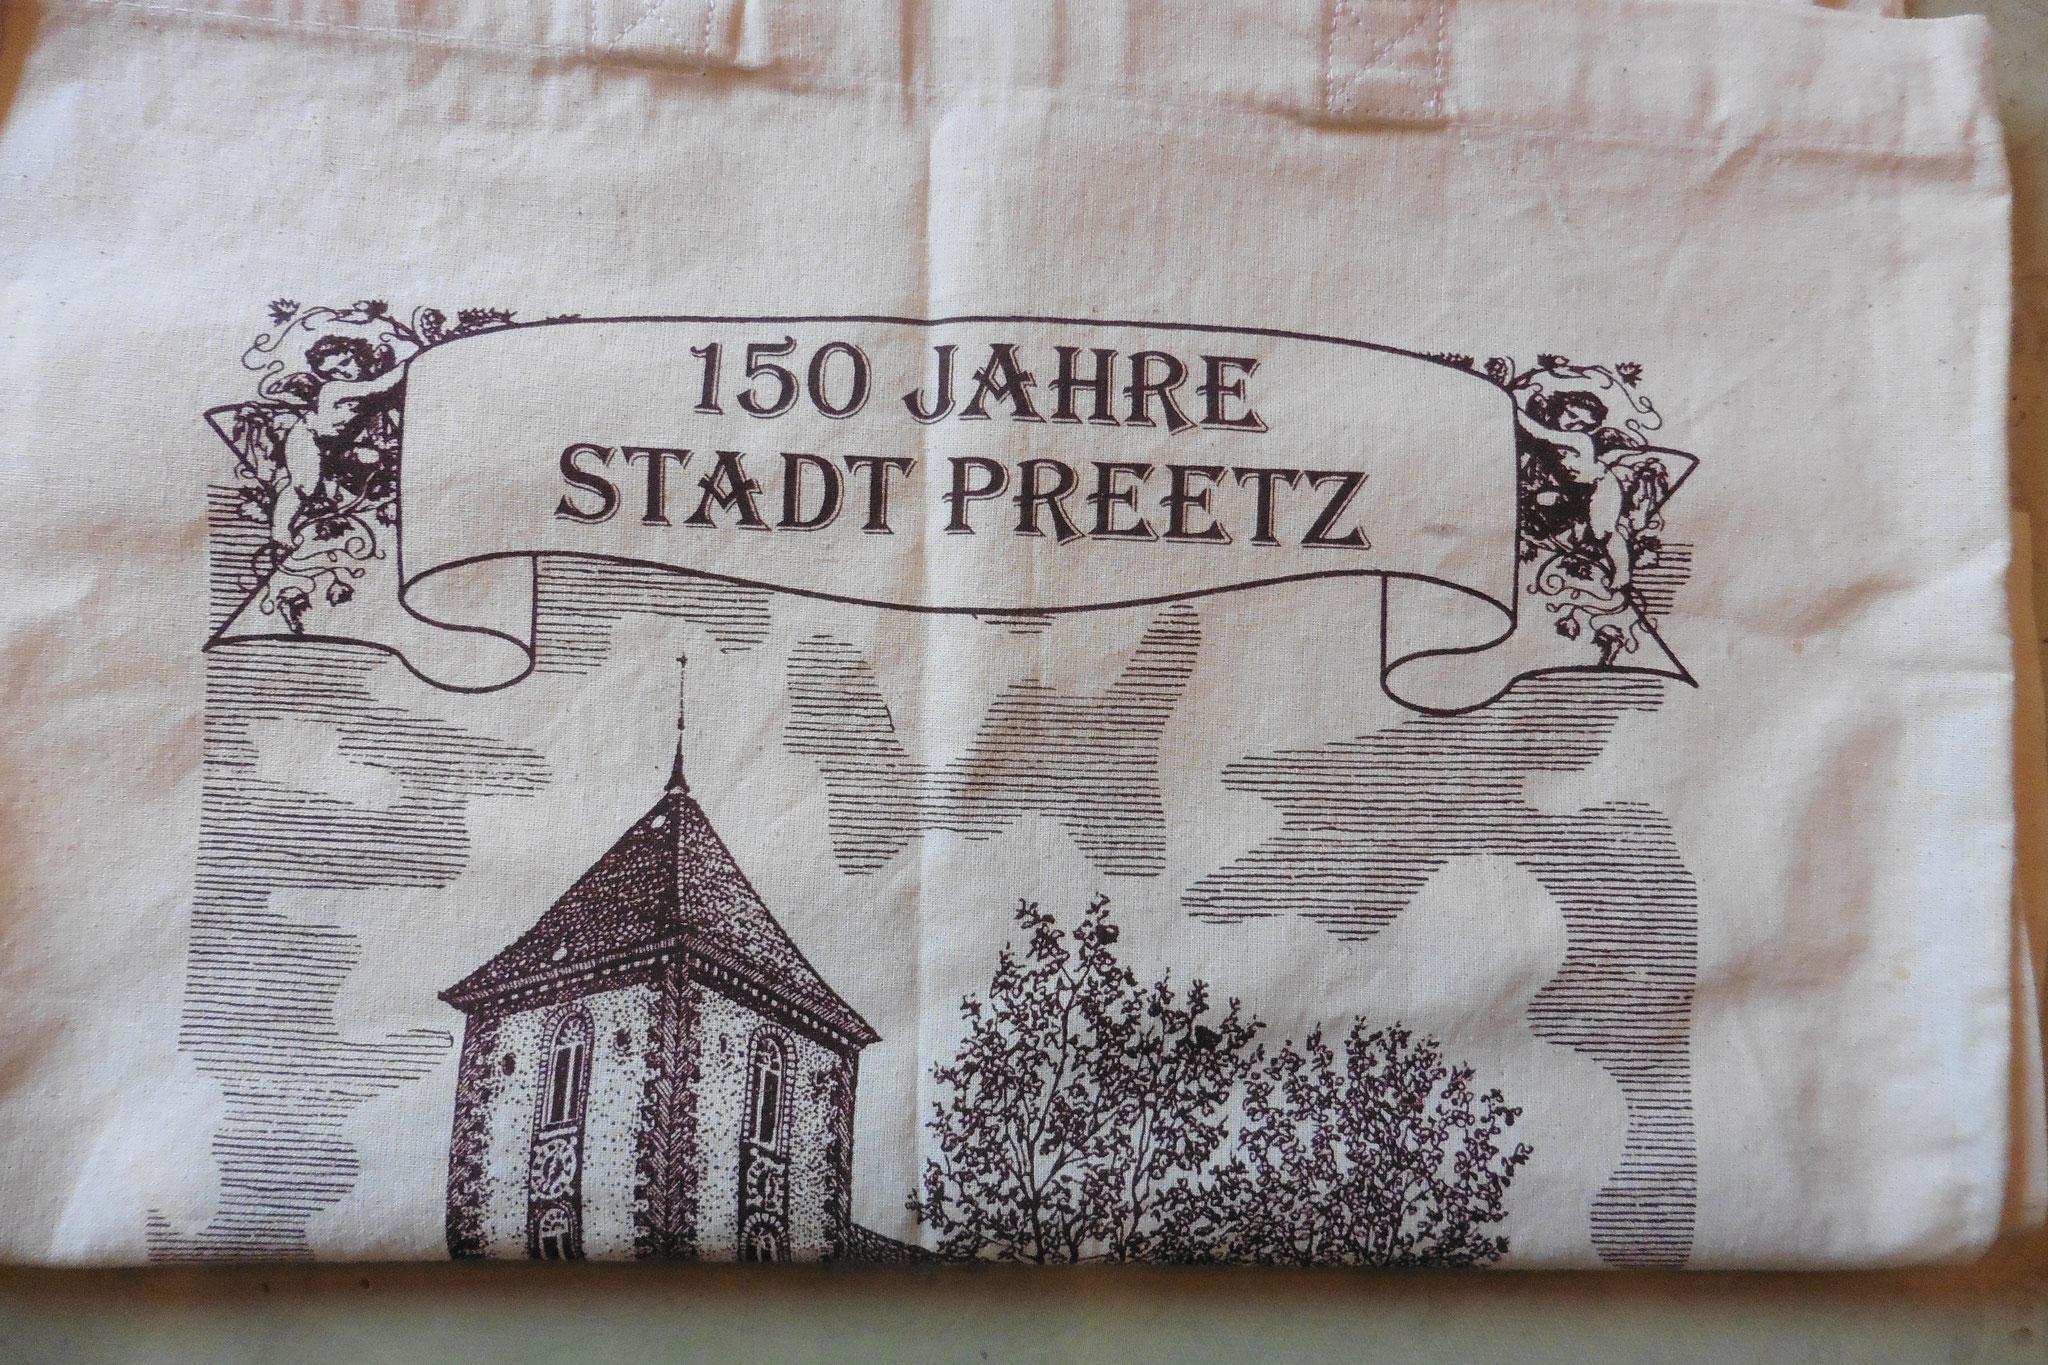 Tragetasche zum 150jährigen Stadtjubiläum